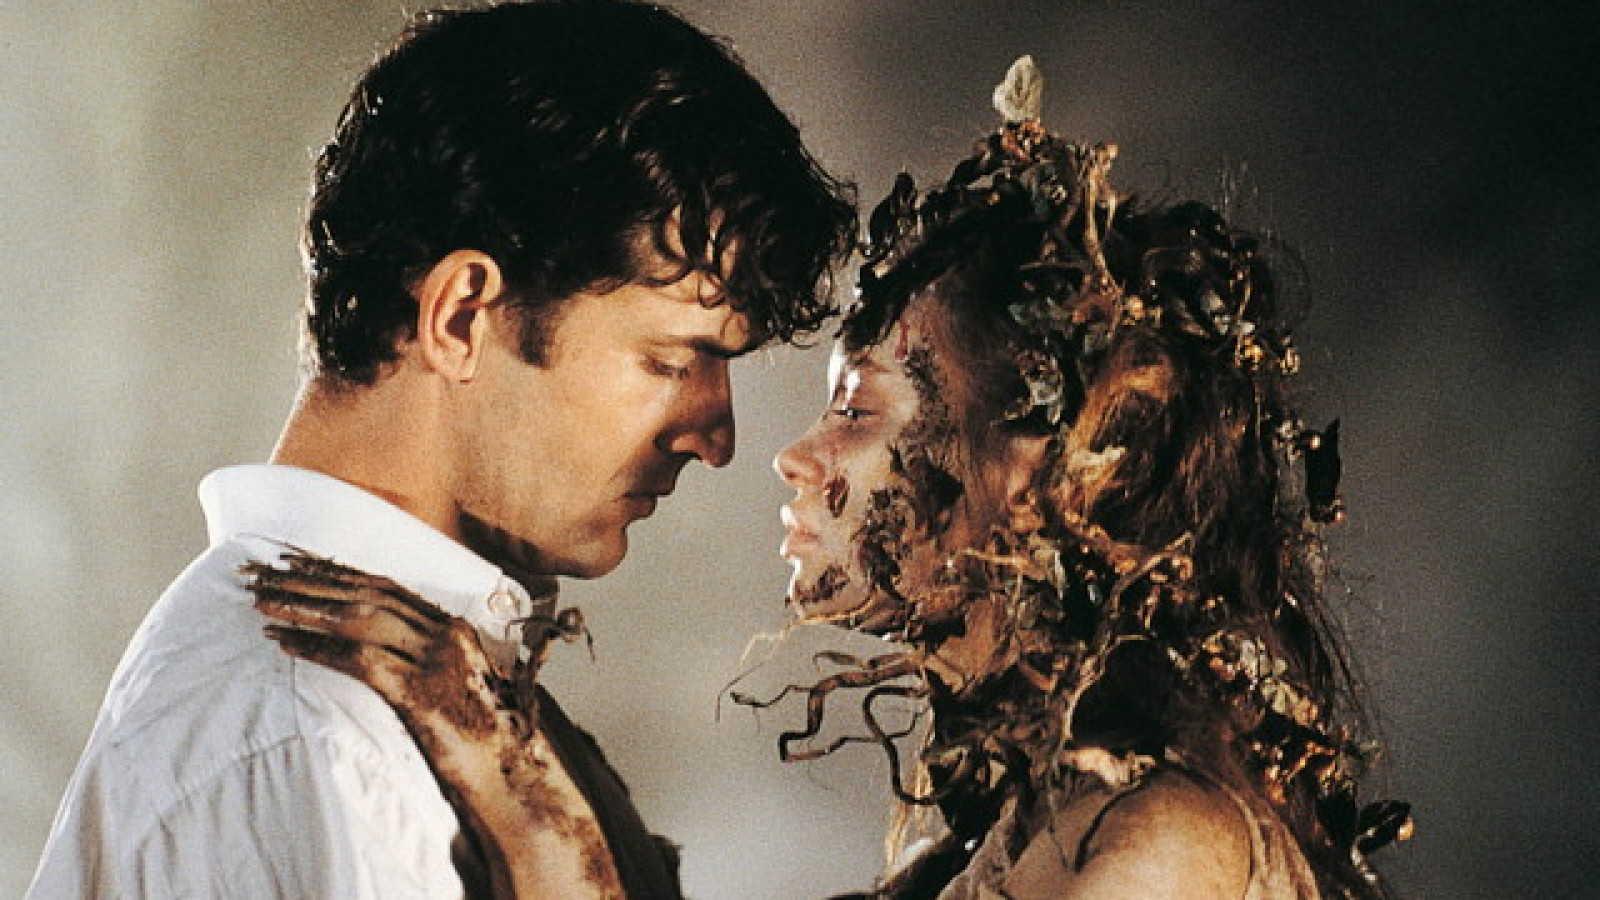 Dellamorte (Rupert Everett) tries to find love with undead widow Anna Falchi in Dellamorte Dellamore (1994)